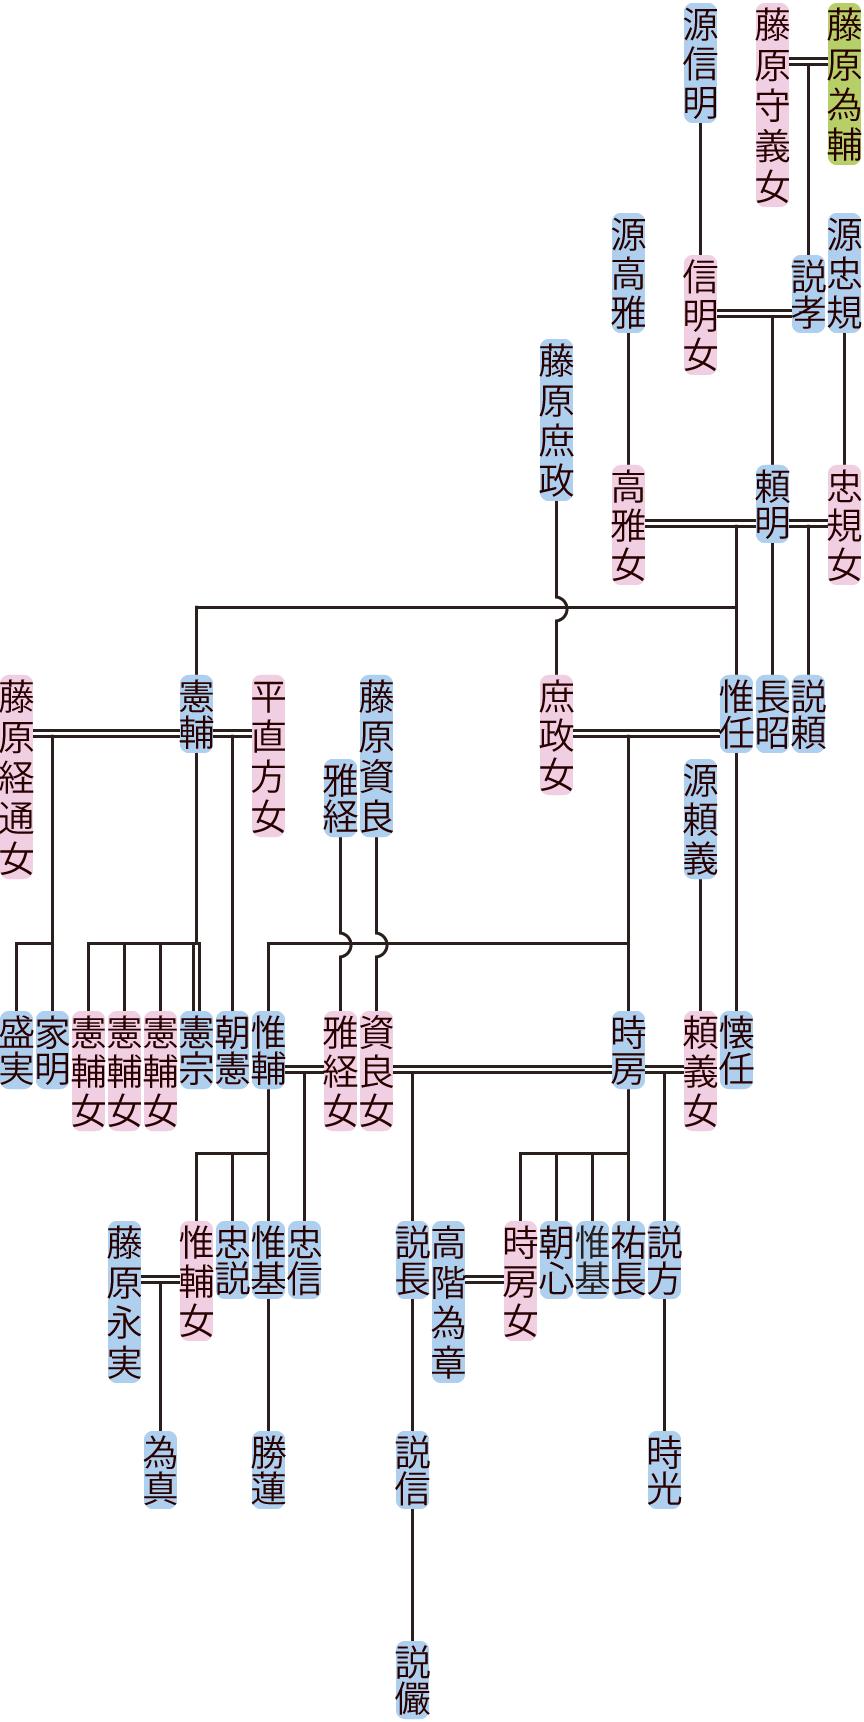 藤原頼明の系図